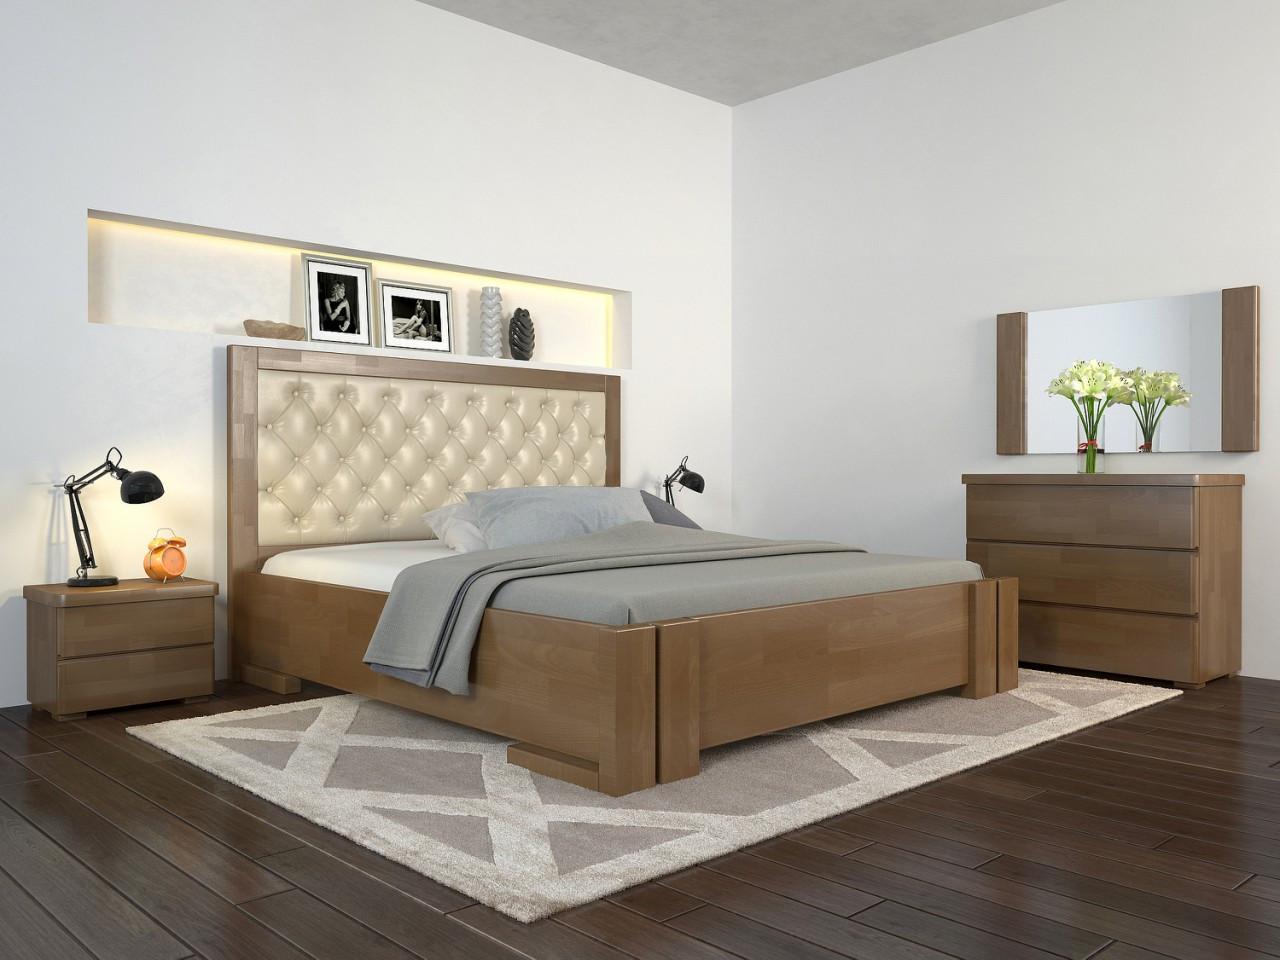 Двоспальне ліжко Арбор Древ Амбер з підйомним механізмом ромб 180х190 сосна (ADR180.2)